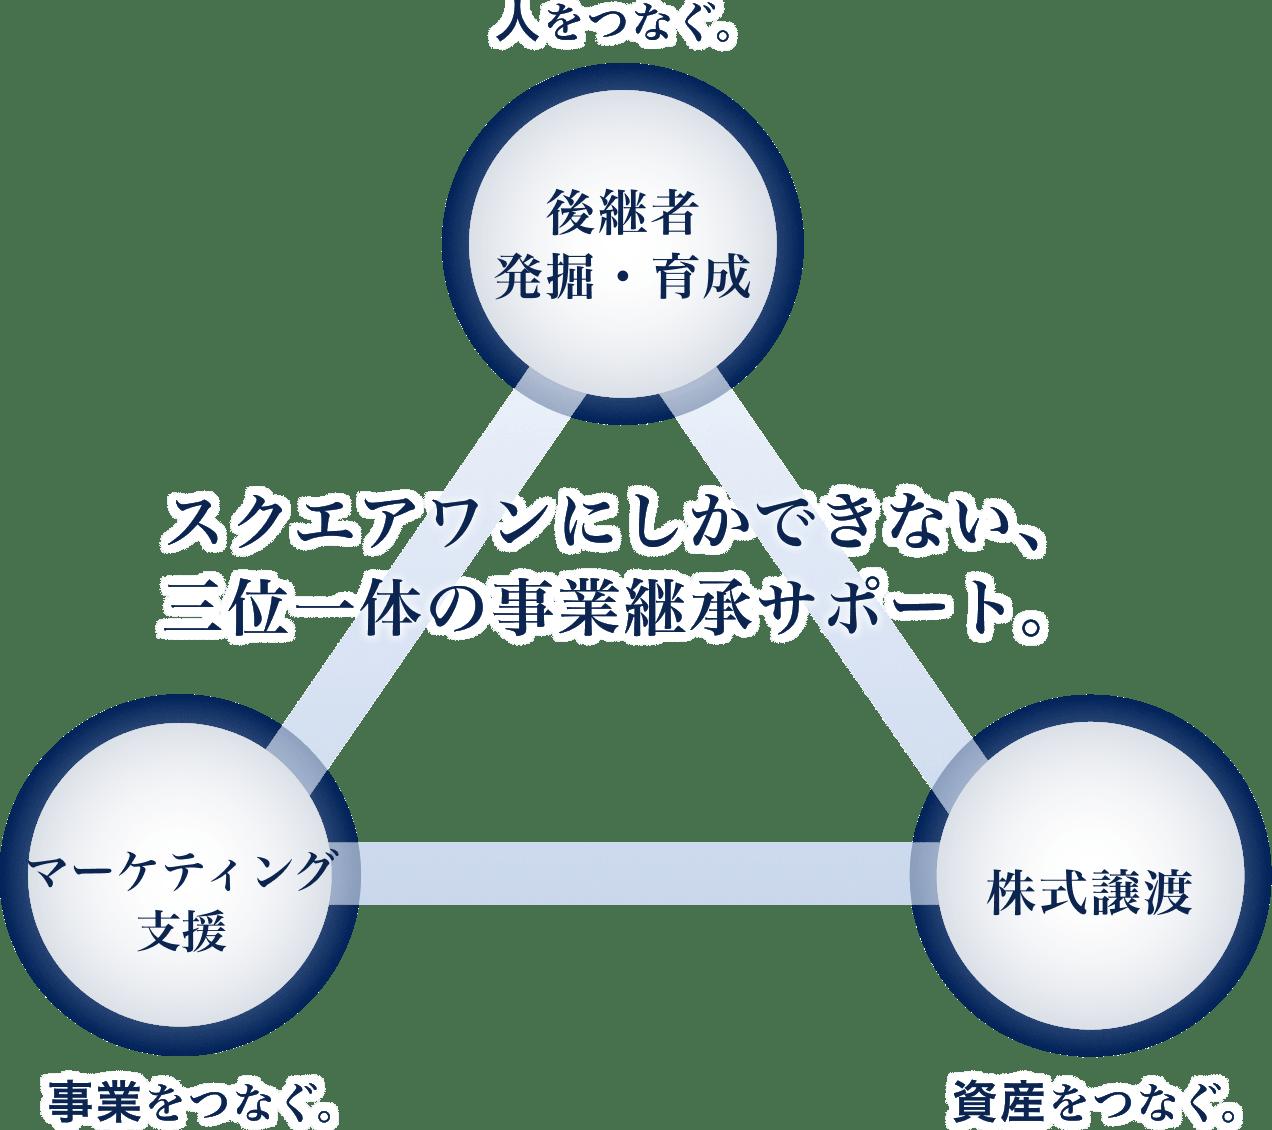 特徴1の図表1